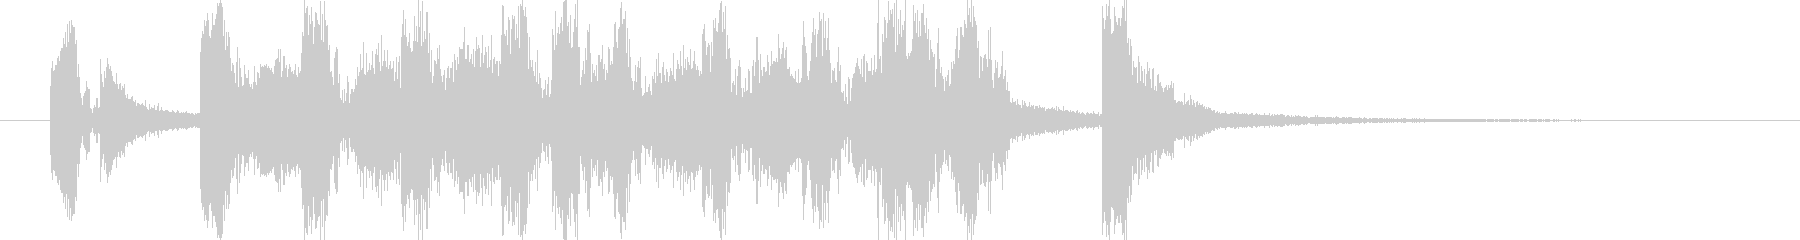 ポップな4つ打ち系ジングル(5秒版)の未再生の波形